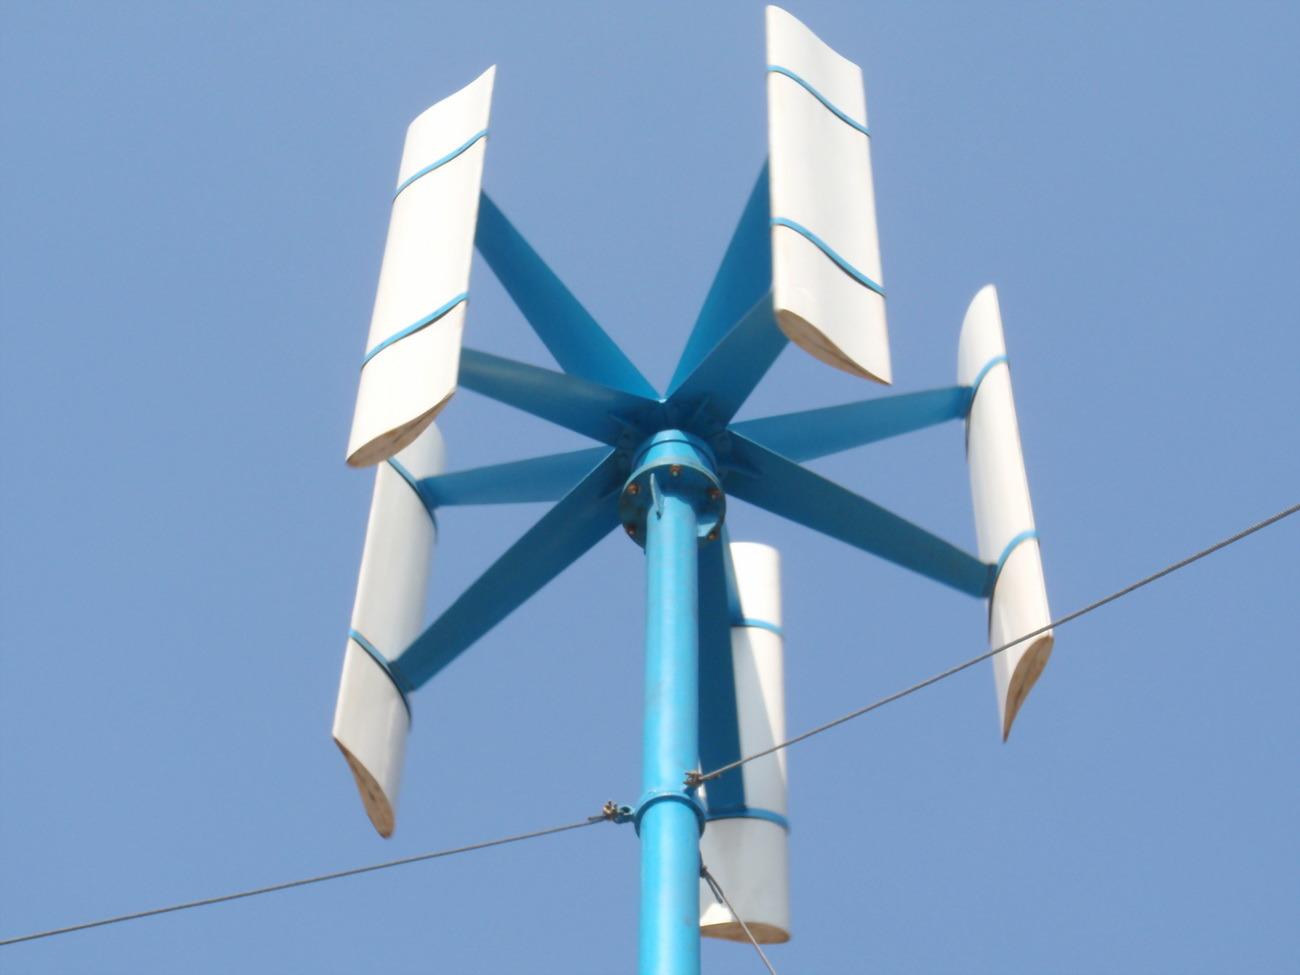 Изготовление вертикального ветрогенератора своими руками